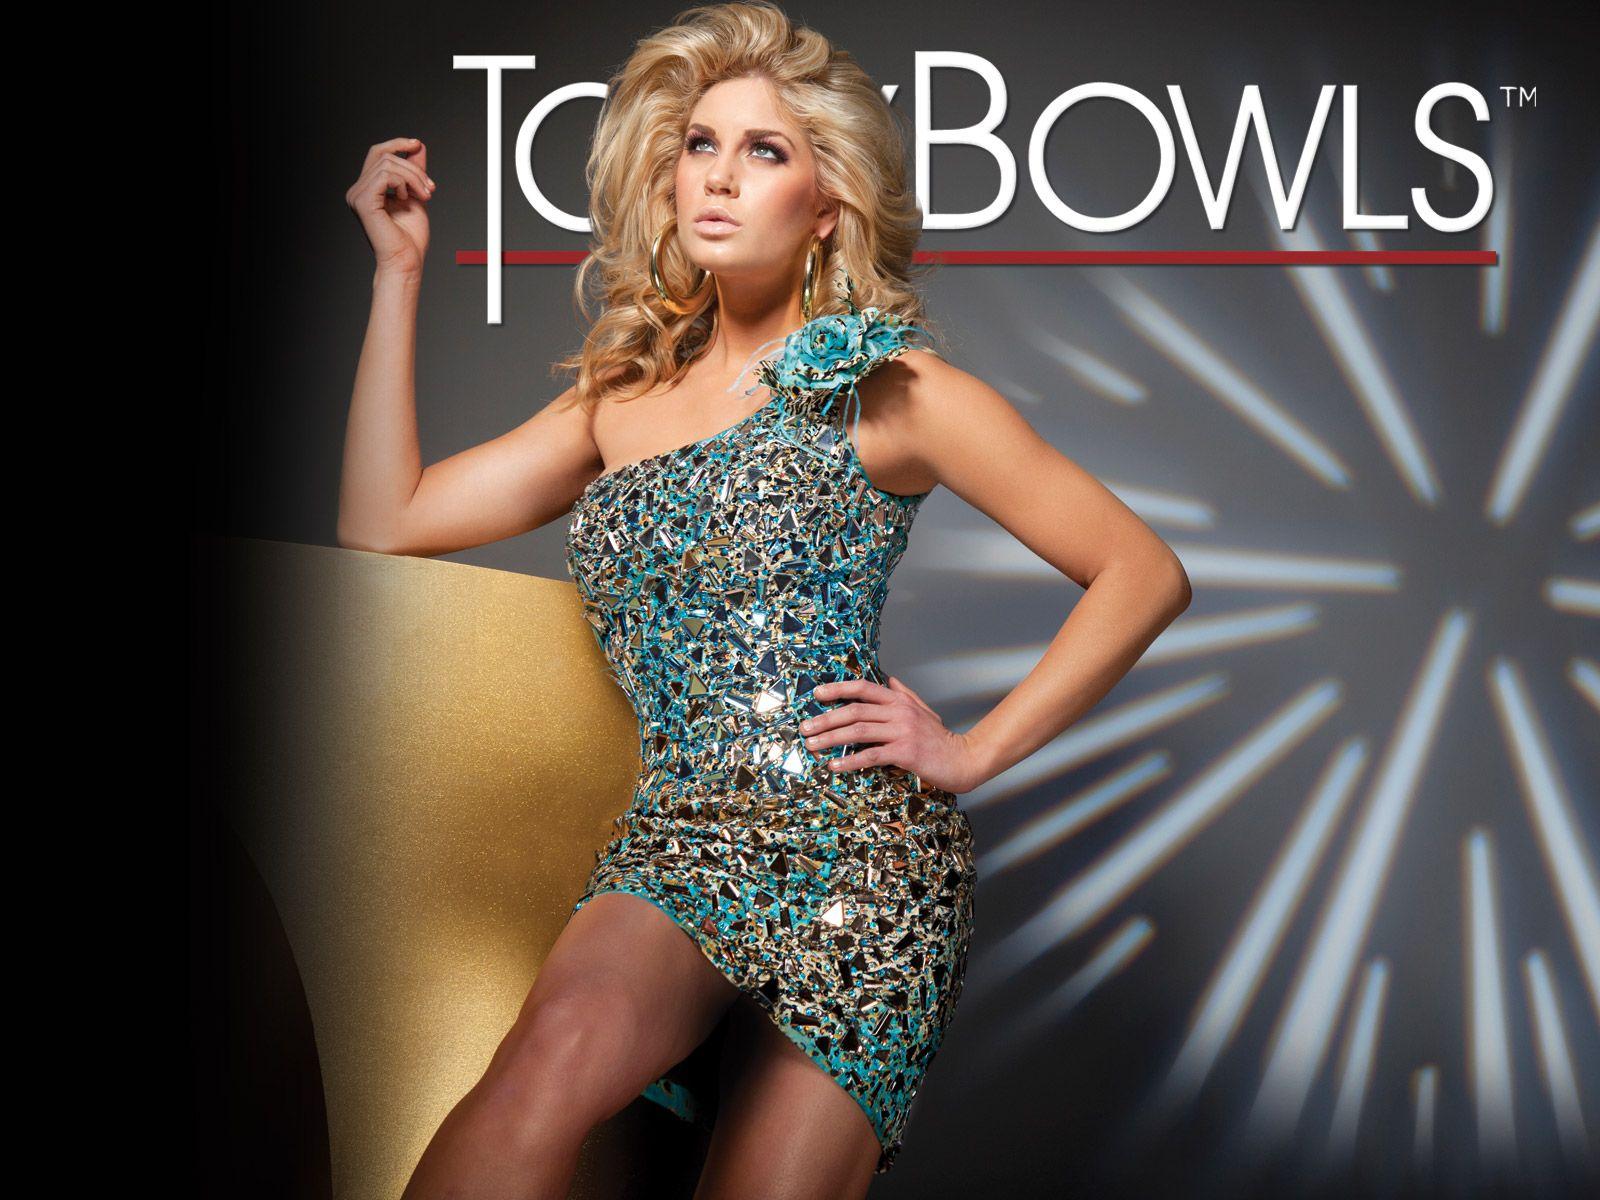 Tony bowls shorts style no ts tony bowls en vogue part